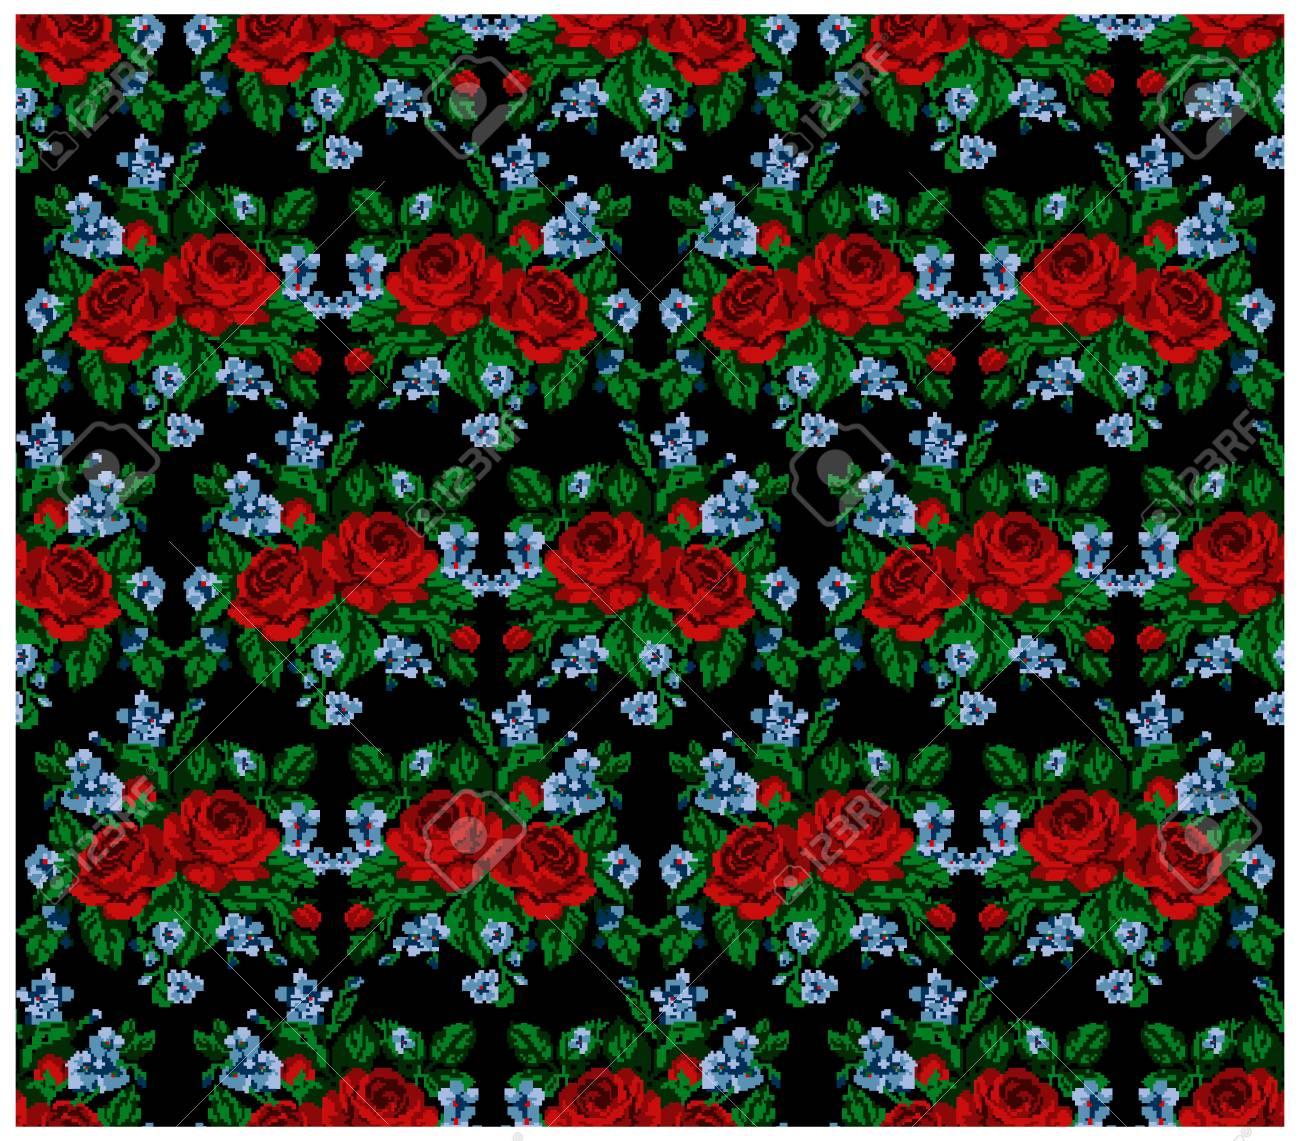 Sans Couture Modèle Couleur Bouquet De Fleurs Roses Et Bleuets Sur Le Fond Noir En Utilisant Des éléments De Broderie Ukrainiens Traditionnels